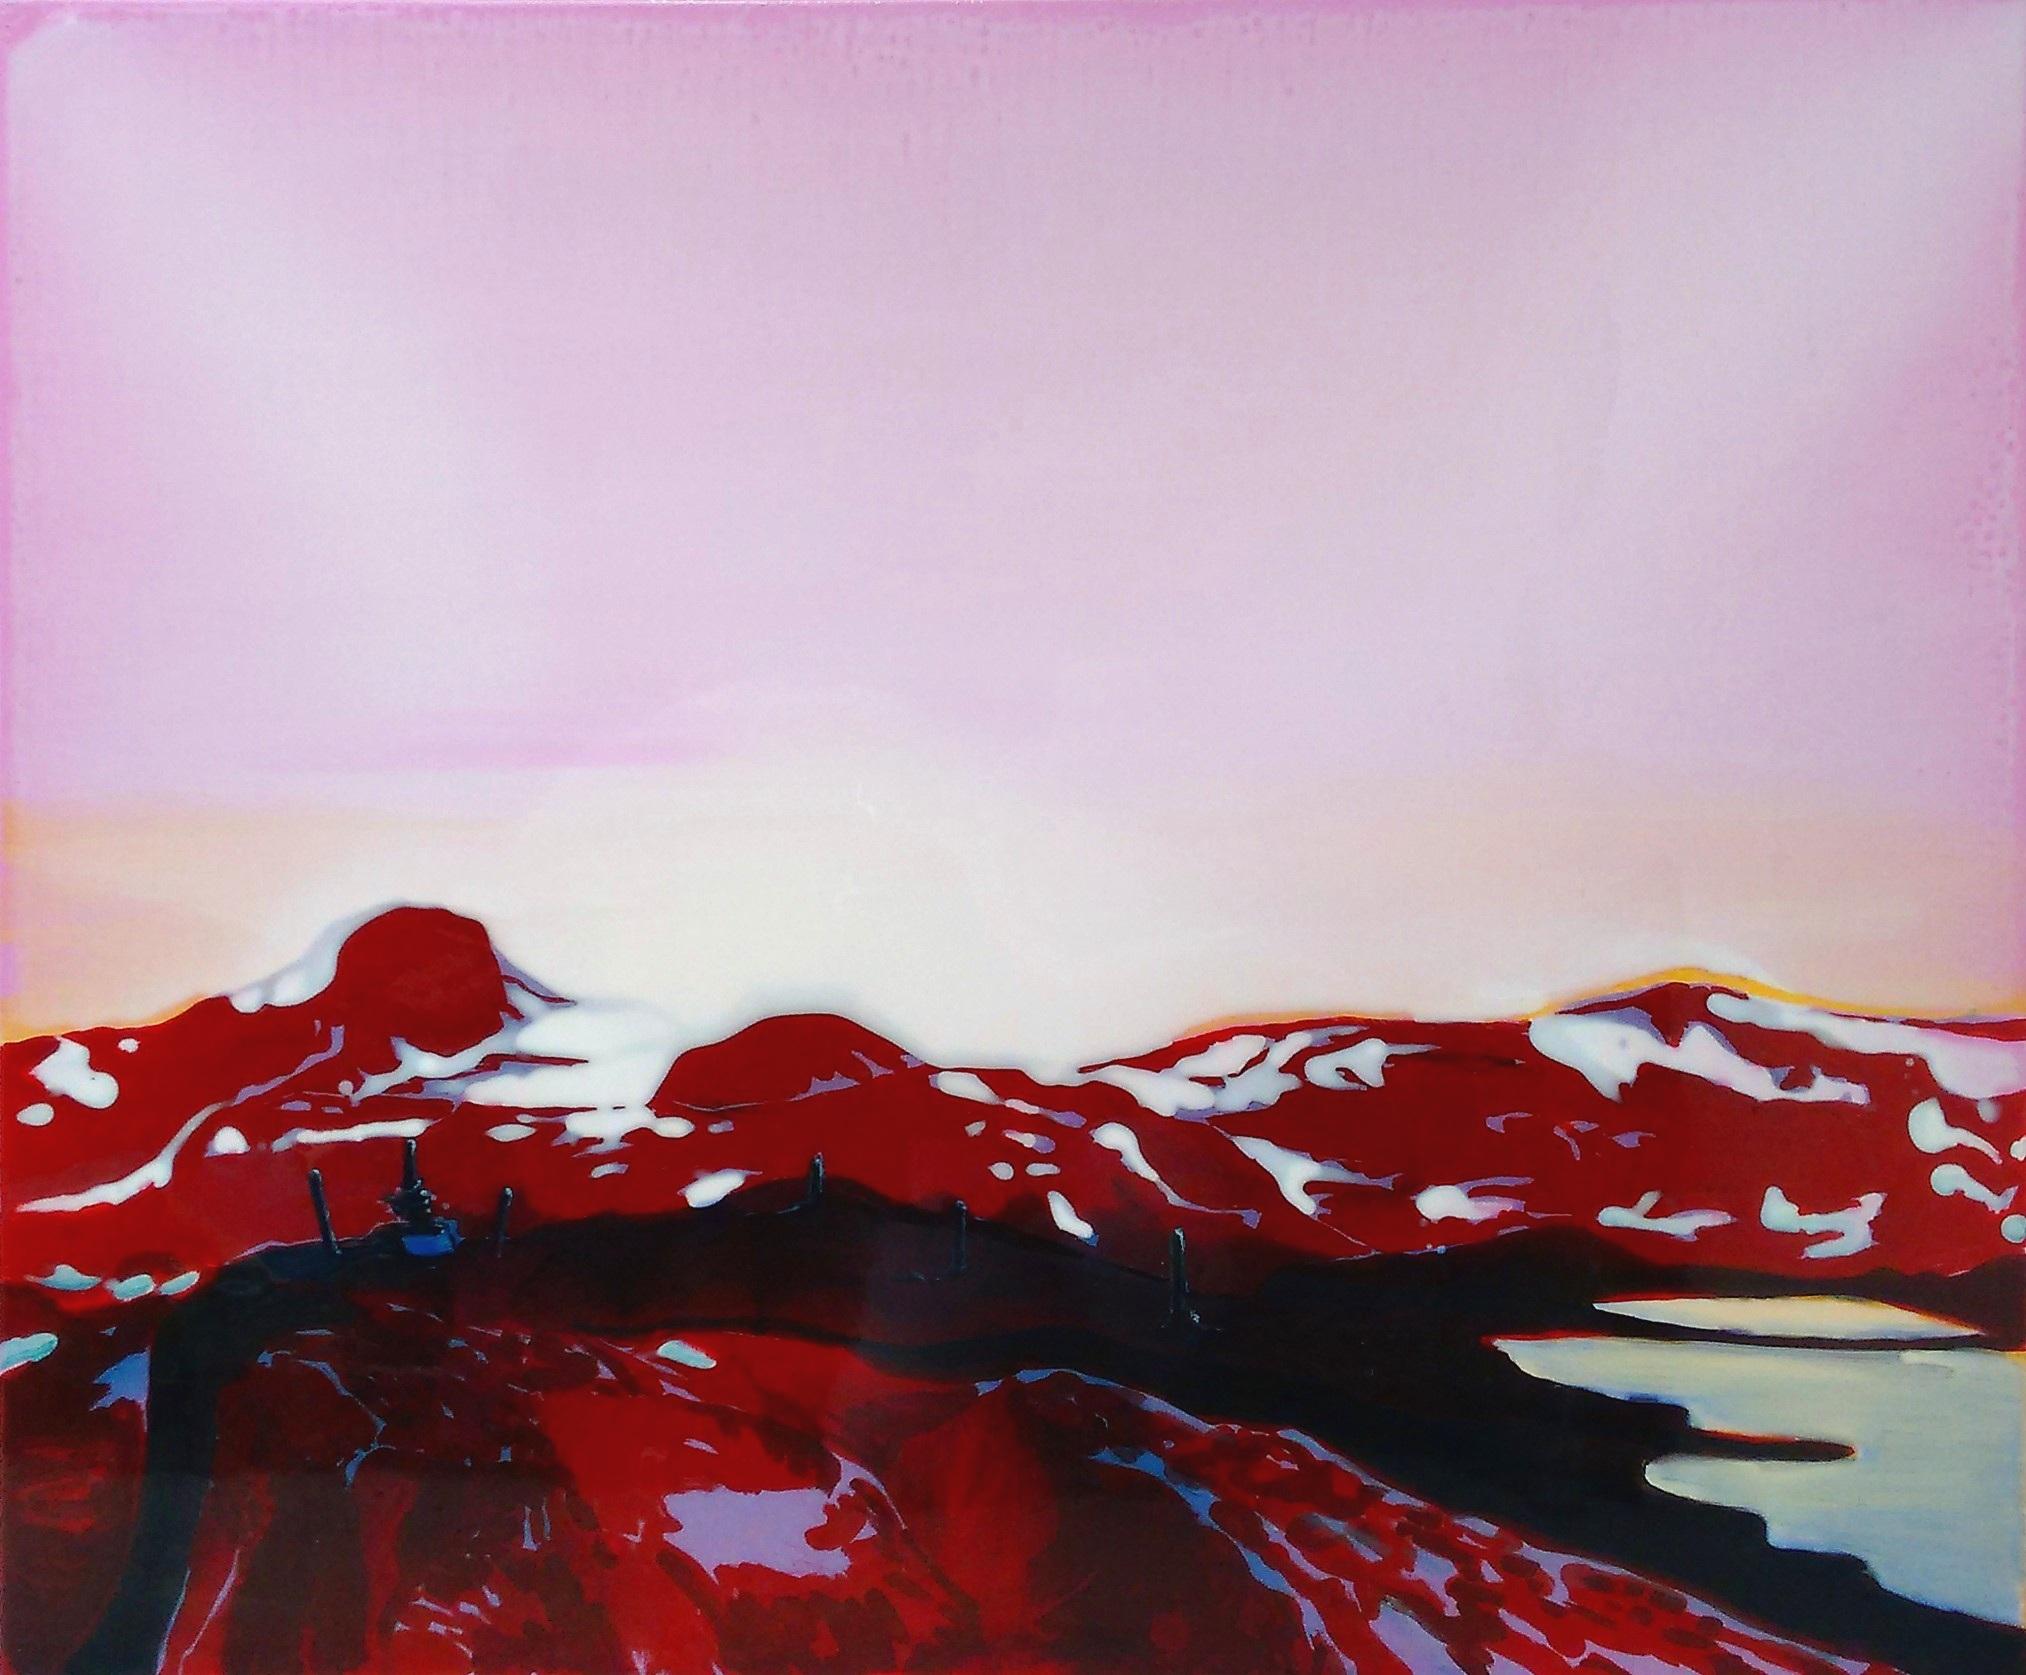 SOGNEFJELLSVEGEN 2  120 x 100 cm Acrylic and epoxy on canvas